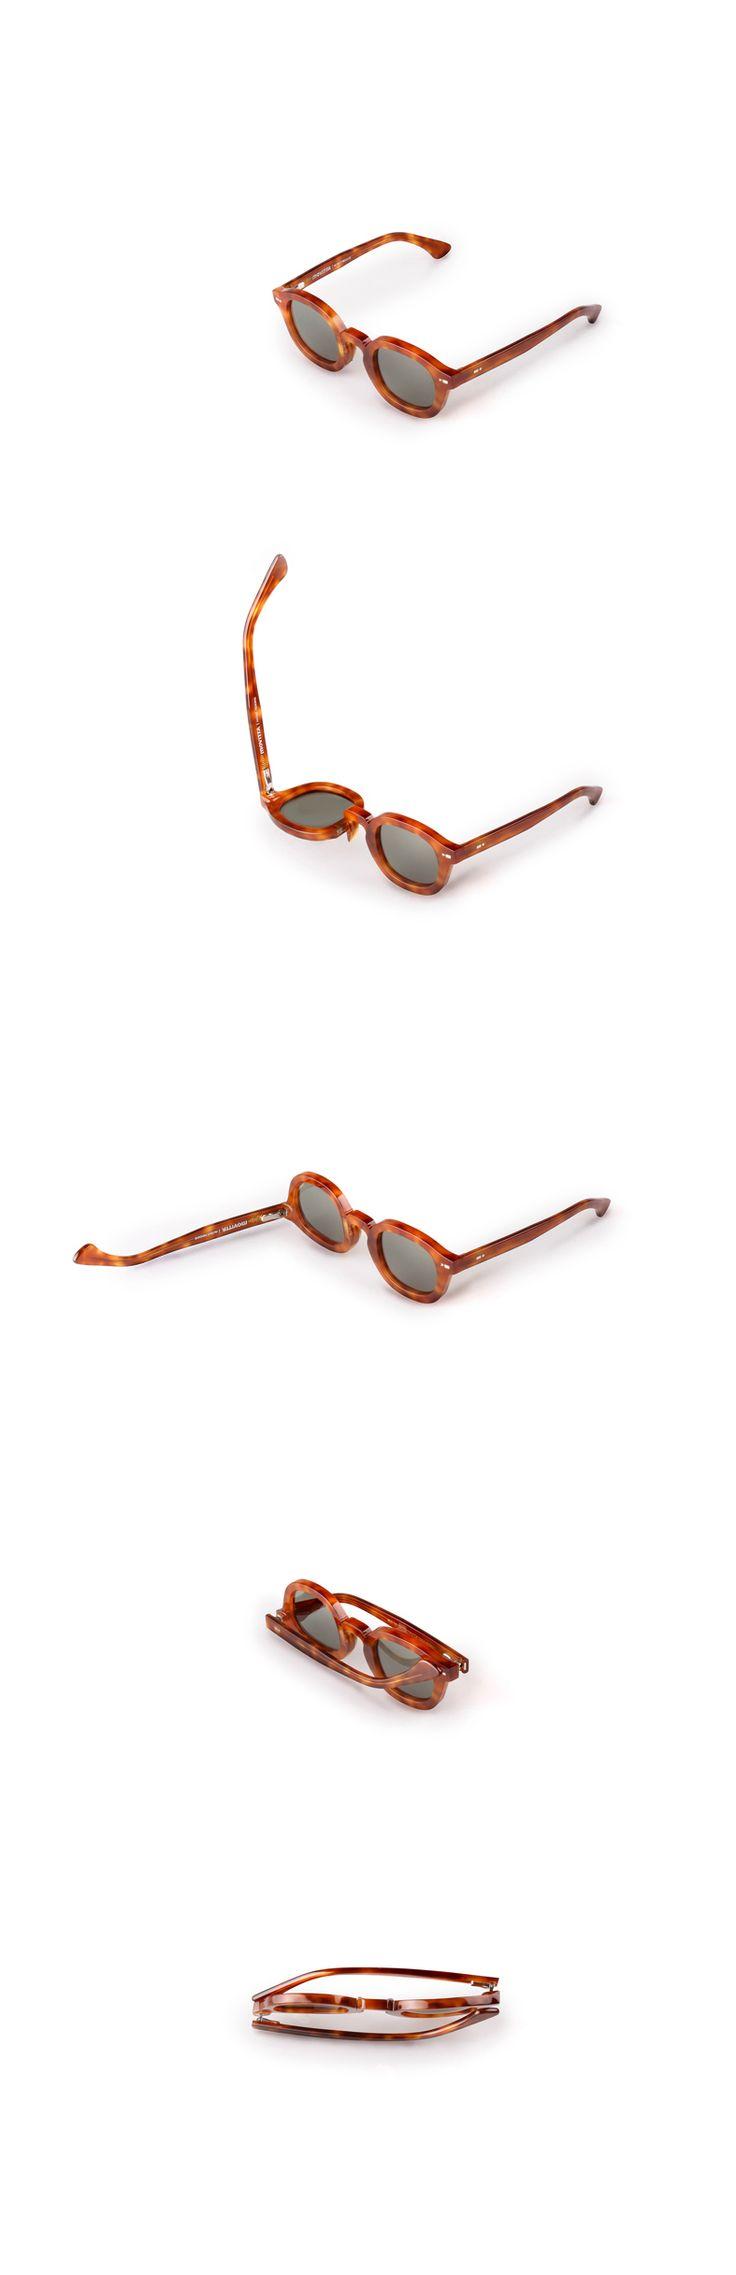 Movitra 115 - Havana chiaro con lente verde #sunglasses #movitra #movitraspectacles #spectacles #glasses #eyewear